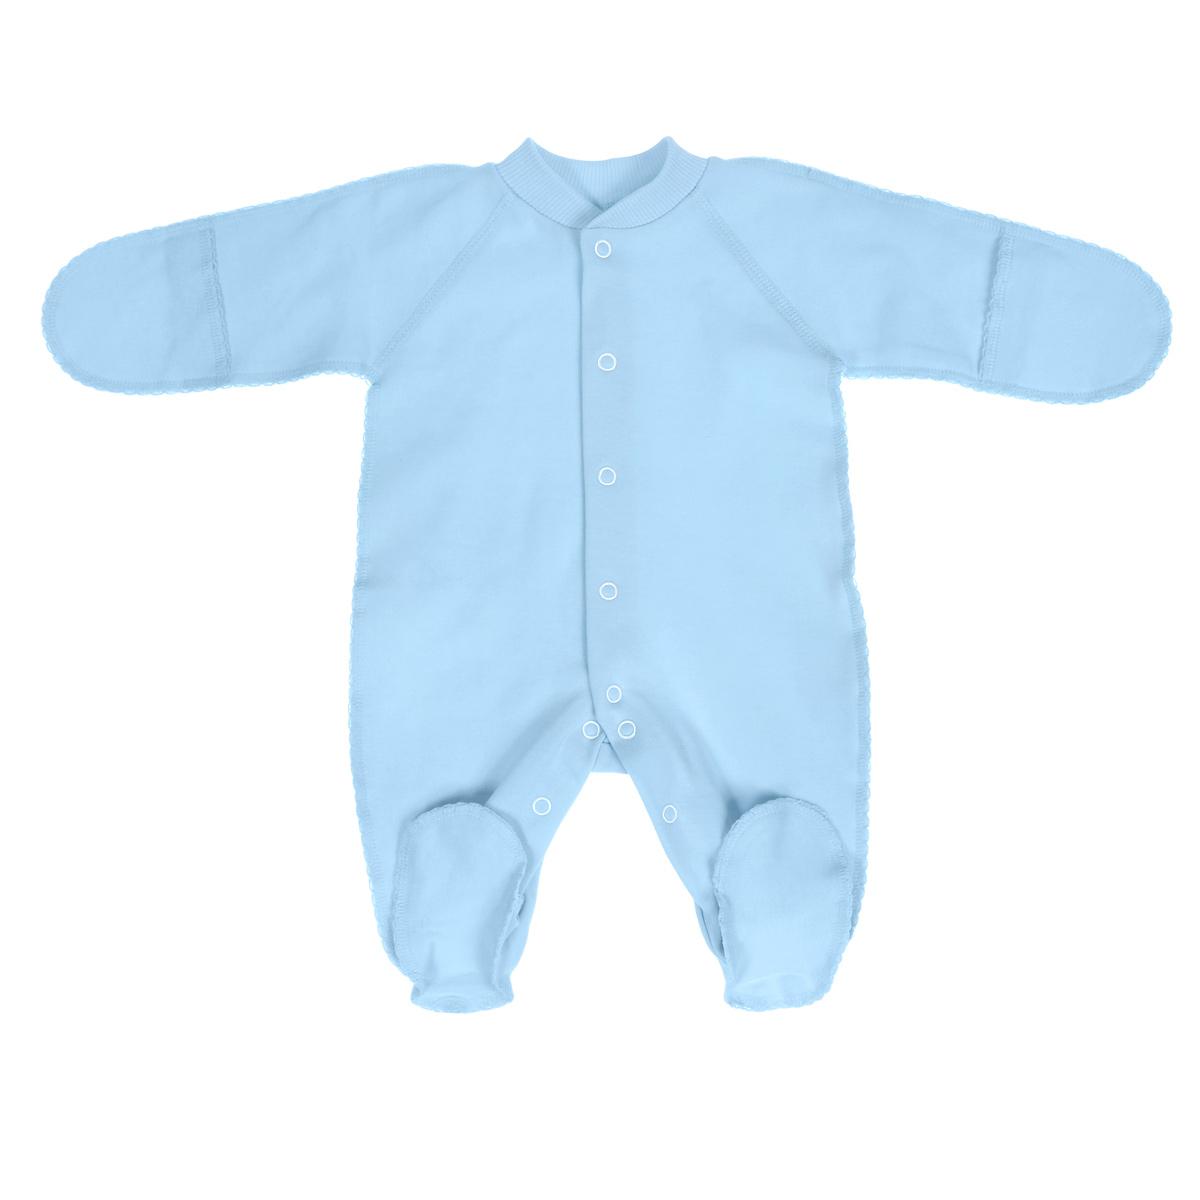 Комбинезон детский Фреш Стайл, цвет: голубой. 37-523. Размер 62, от 0 до 3 месяцев37-523Детский комбинезон Фреш Стайл станет идеальным дополнением к гардеробу вашего ребенка. Выполненный из натурального хлопка, он необычайно мягкий и приятный на ощупь, не раздражают нежную кожу ребенка и хорошо вентилируется. Комбинезон с длинными рукавами-реглан, закрытыми ножками и небольшим воротником-стойкой застегиваются спереди на кнопки по всей длине и на ластовице, что облегчает переодевание ребенка и смену подгузника. Горловина дополнена трикотажной эластичной резинкой. Благодаря рукавичкам ребенок не поцарапает себя. Швы выполнены наружу и оформлены ажурными петельками.В таком комбинезоне ваш малыш будет чувствовать себя комфортно и уютно!